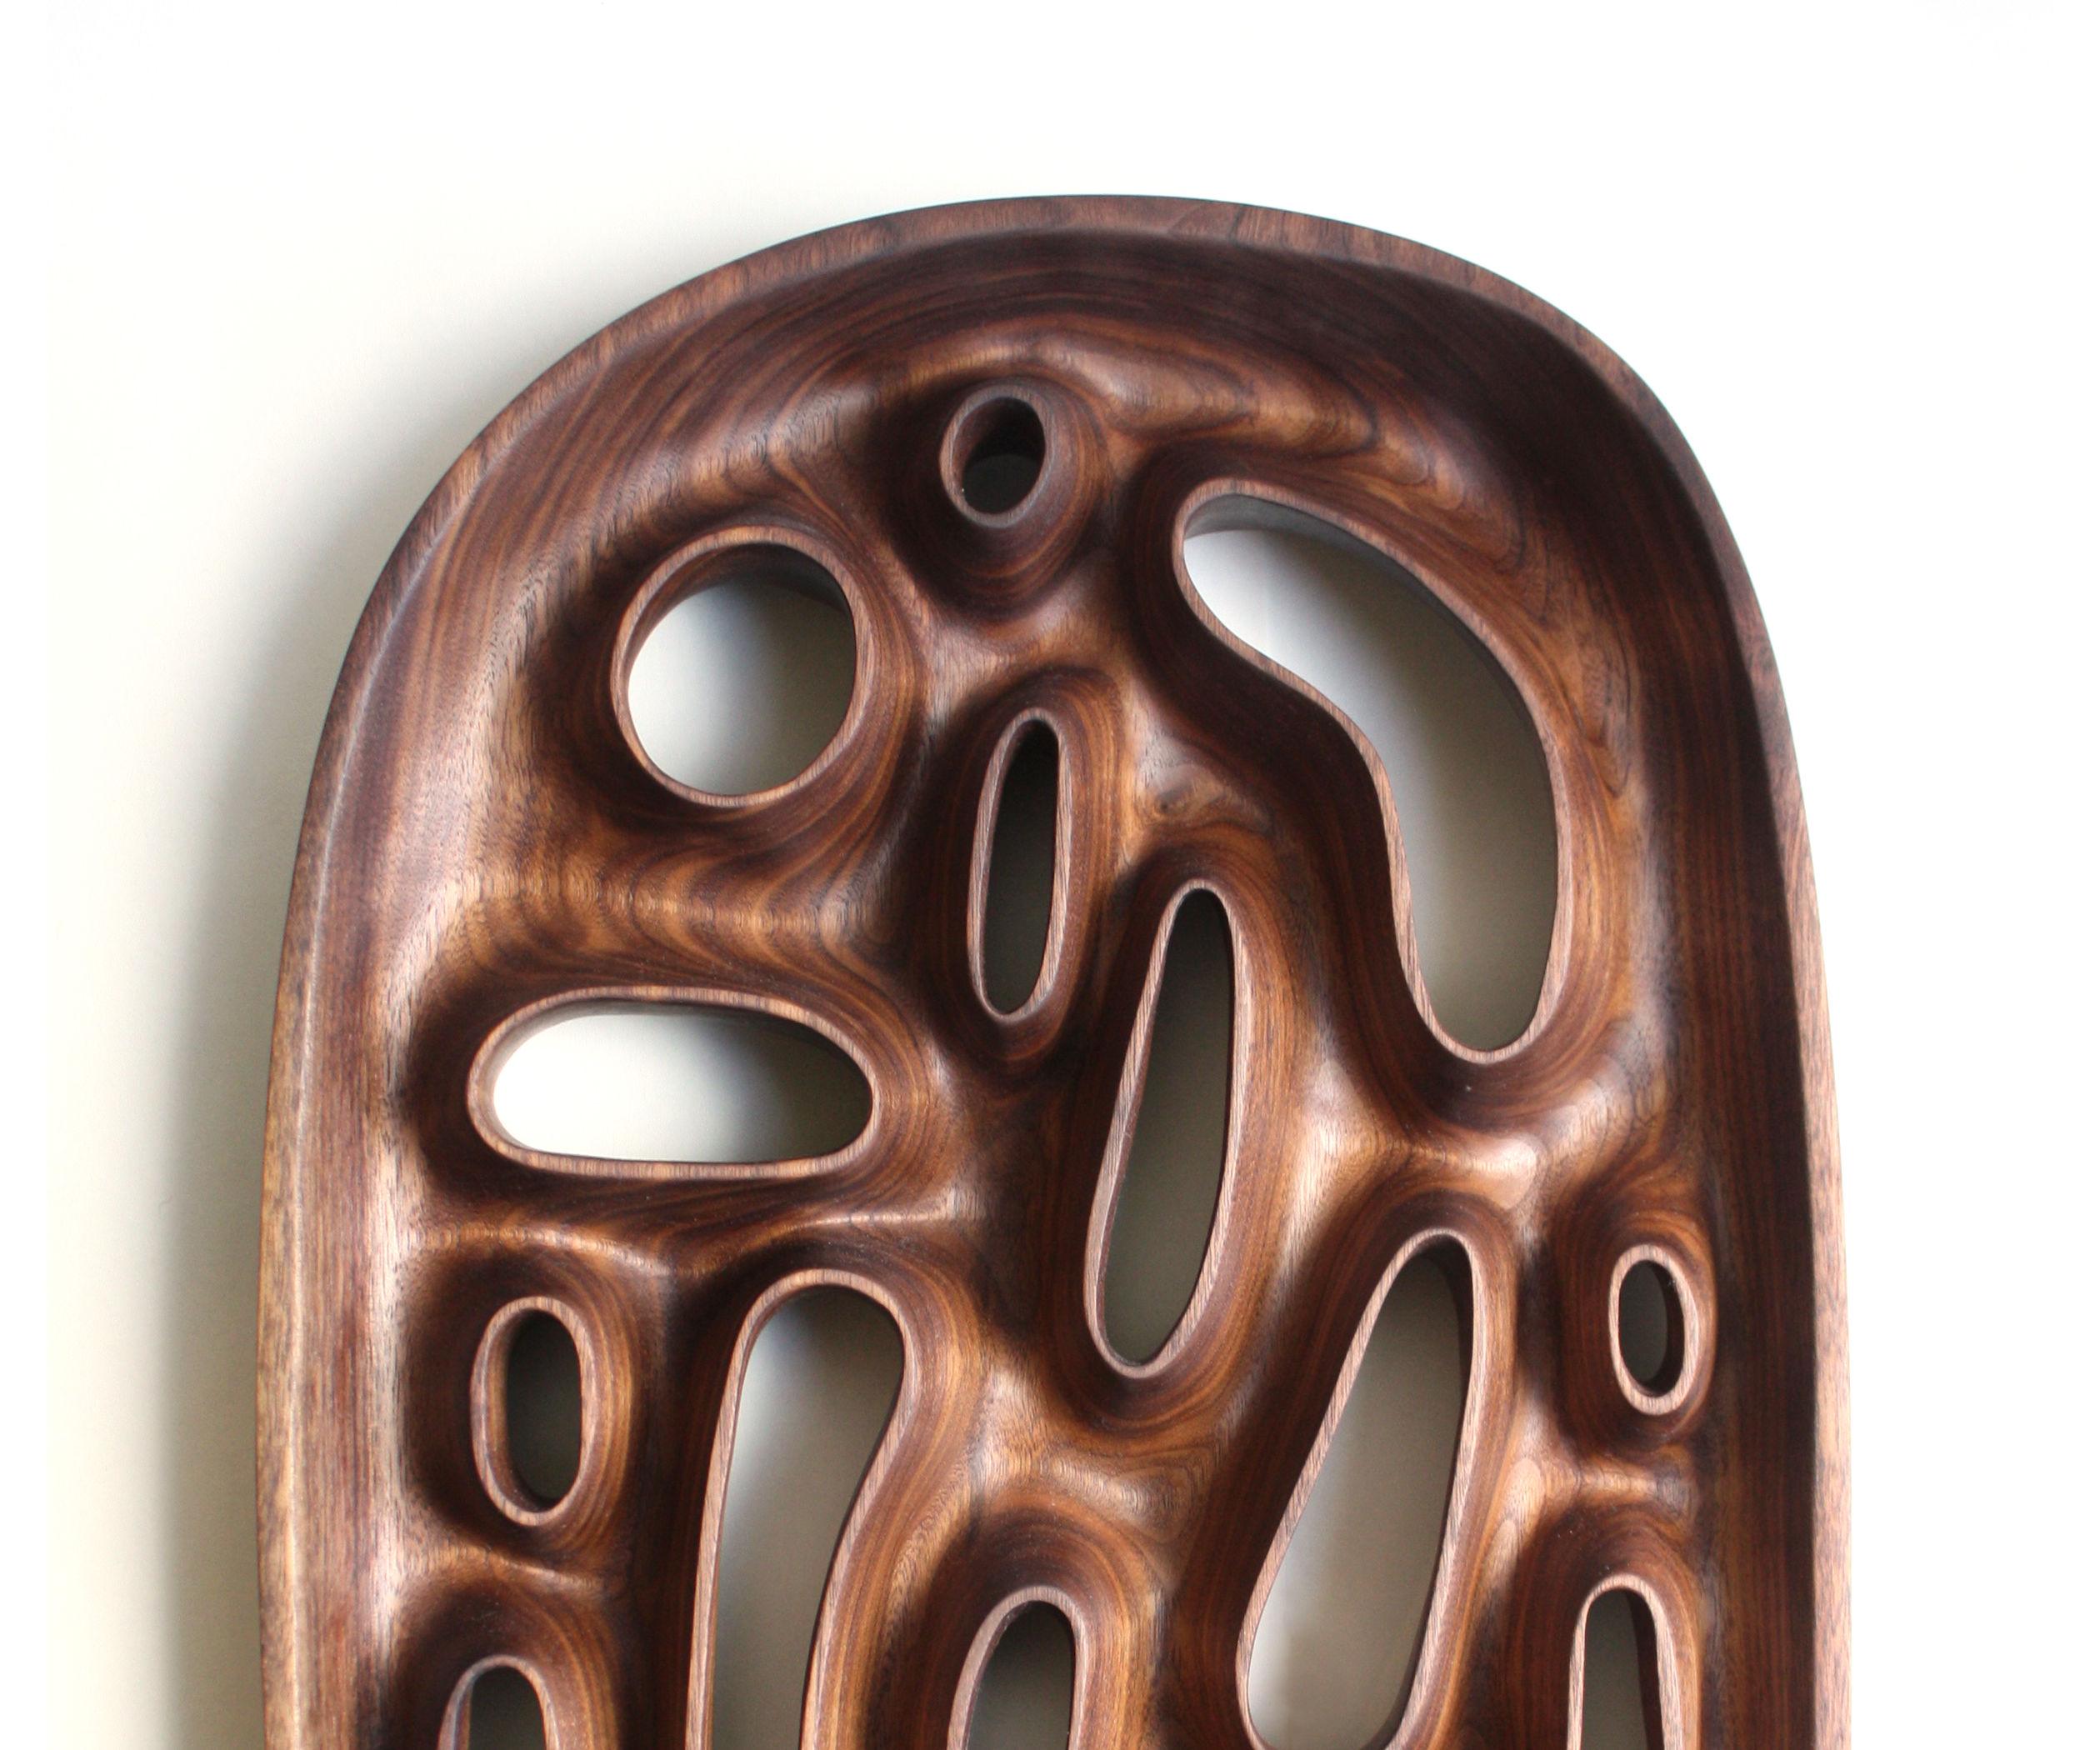 Hand Carved Sculptural Wooden Bowl